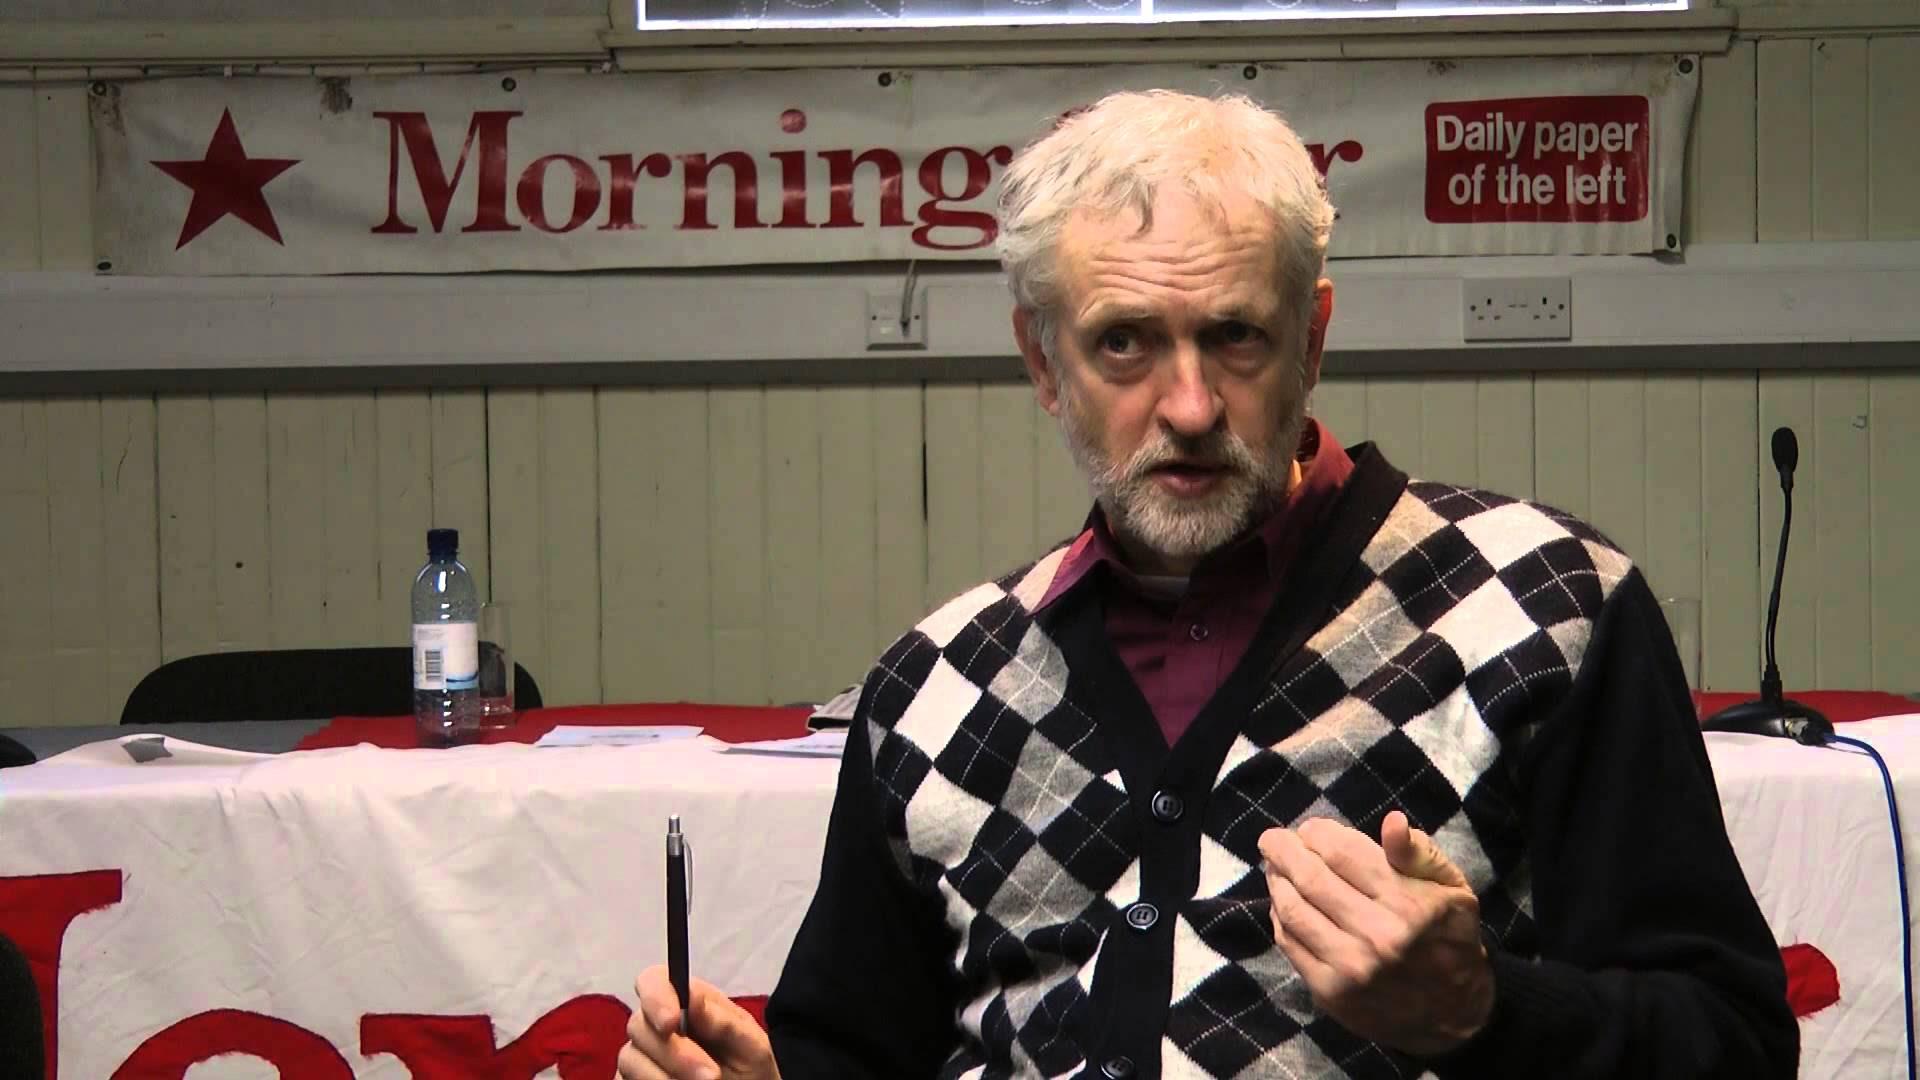 Jeremy Corbyn wears cardigan